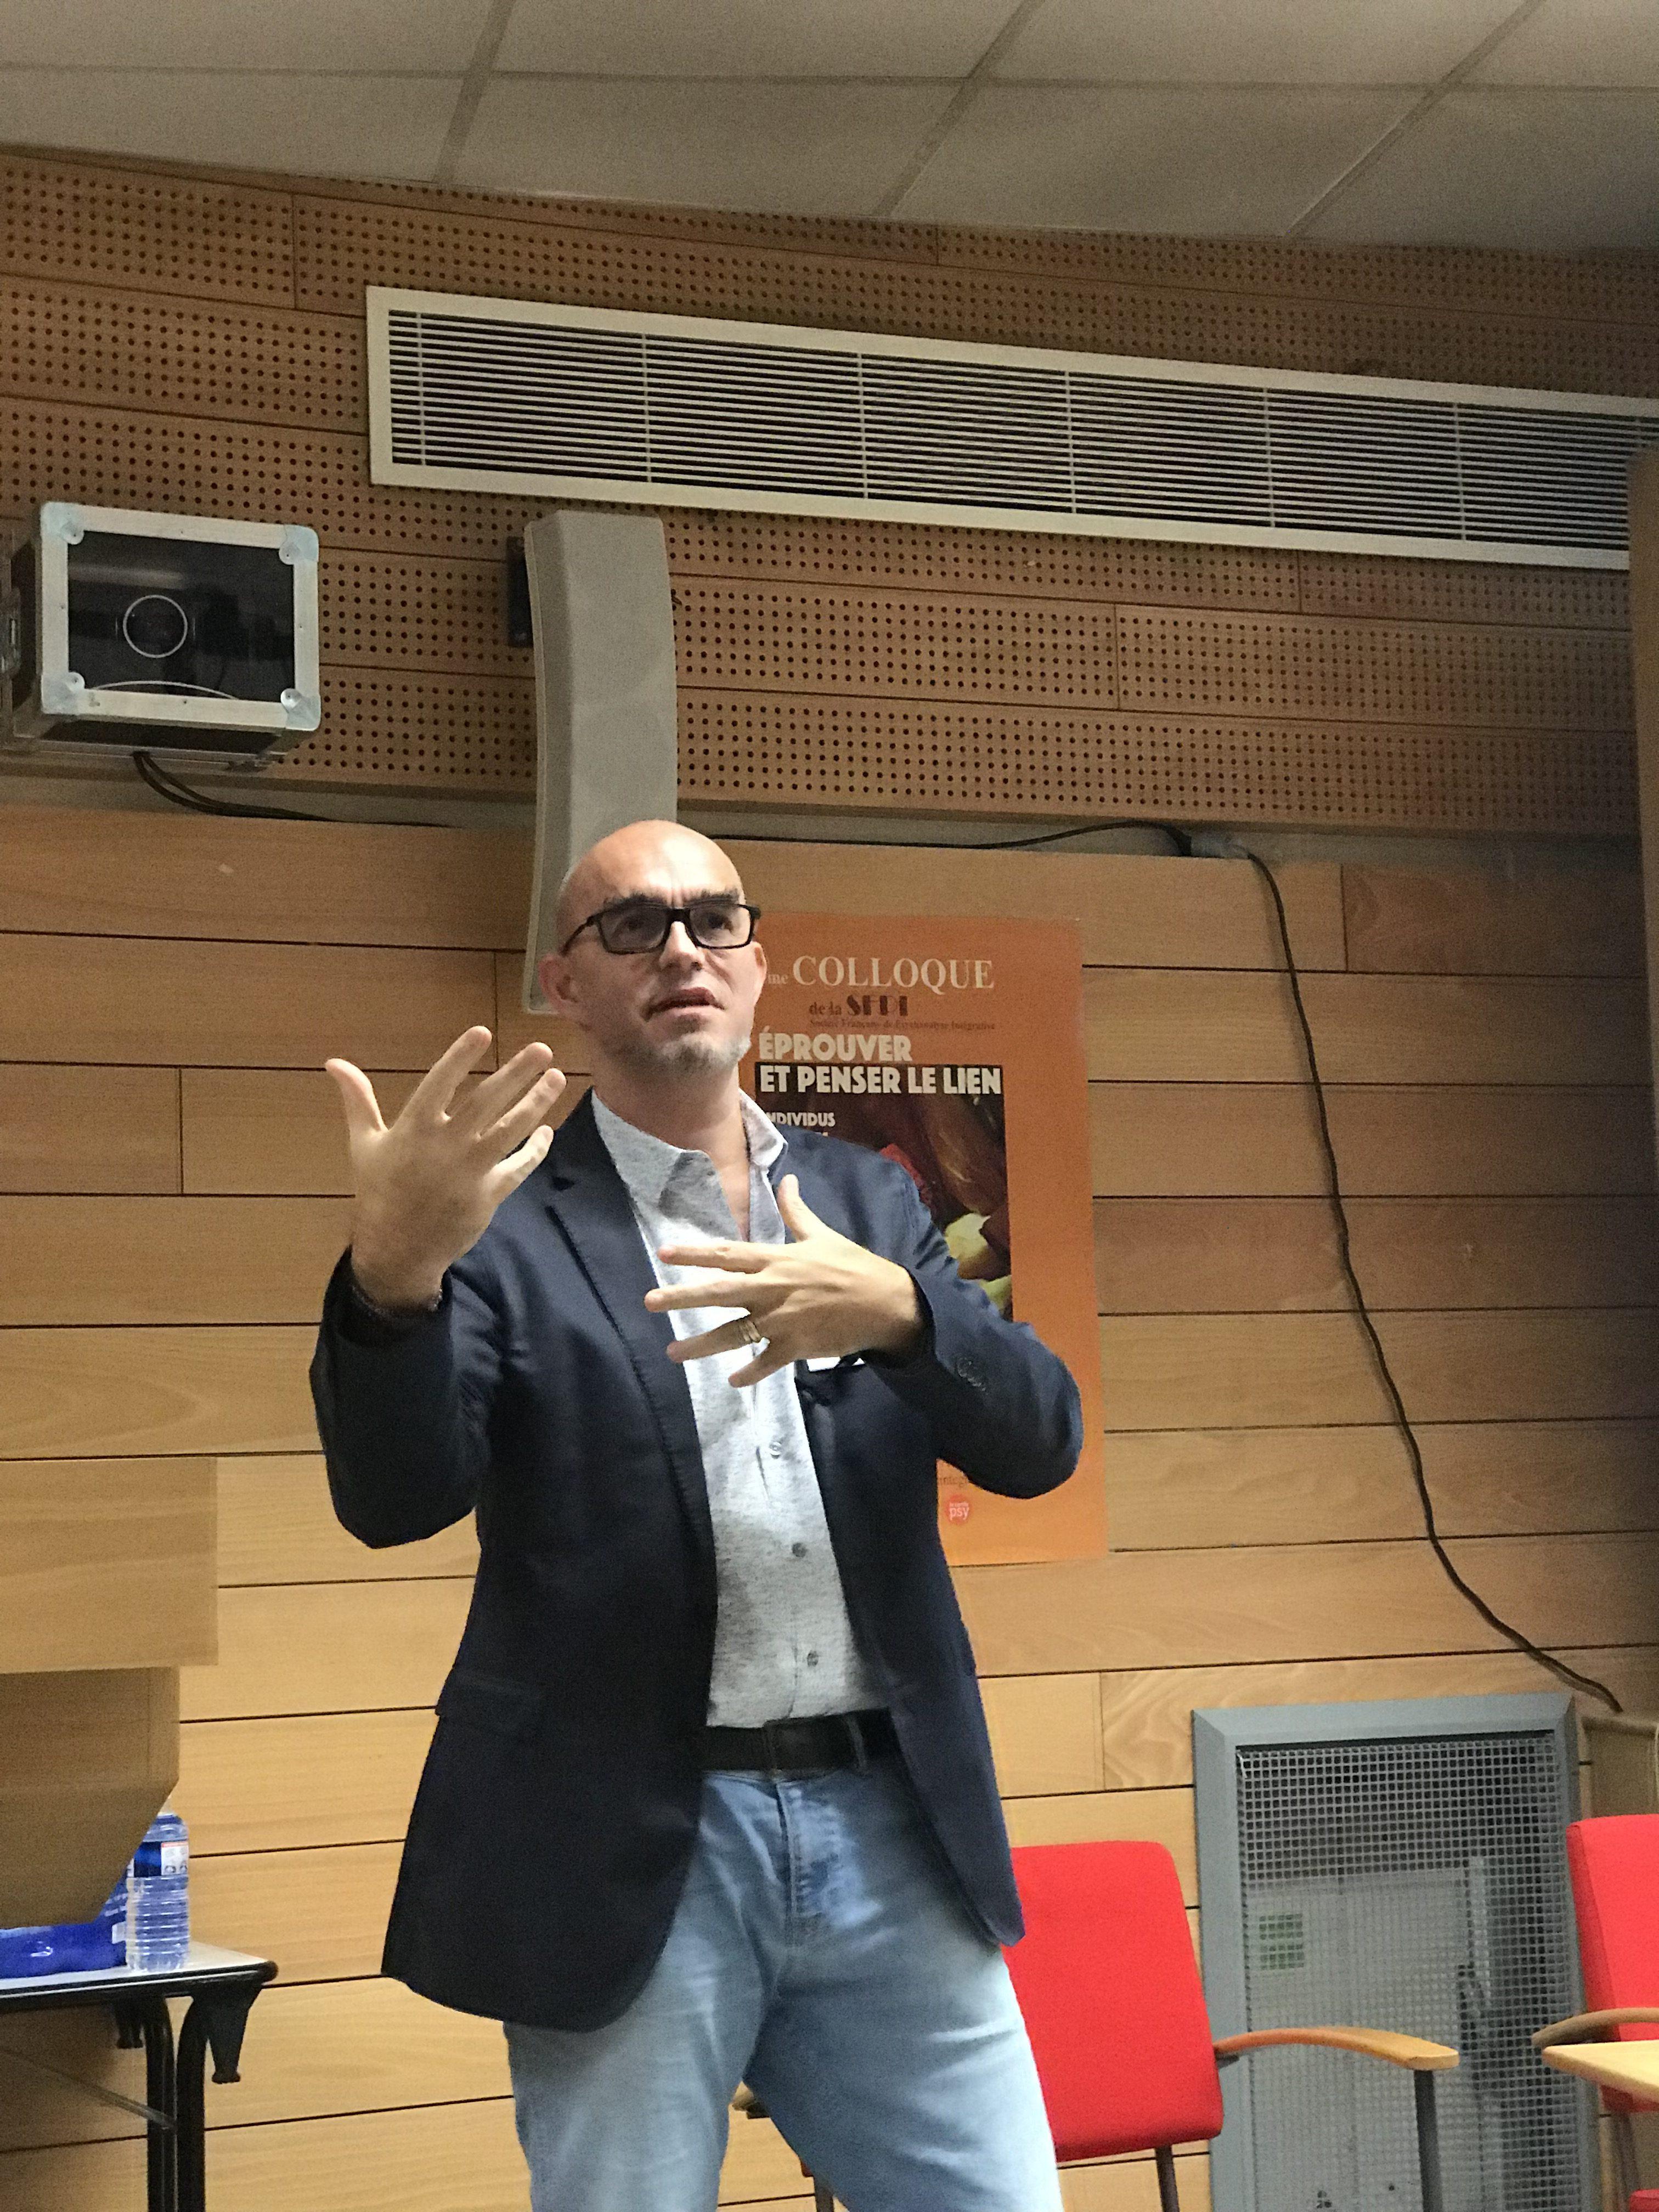 """image de cyrille bertrand, directeur de NGI, intervenant pour le colloque de la SFPI : """"Éprouver et penser le lien"""""""